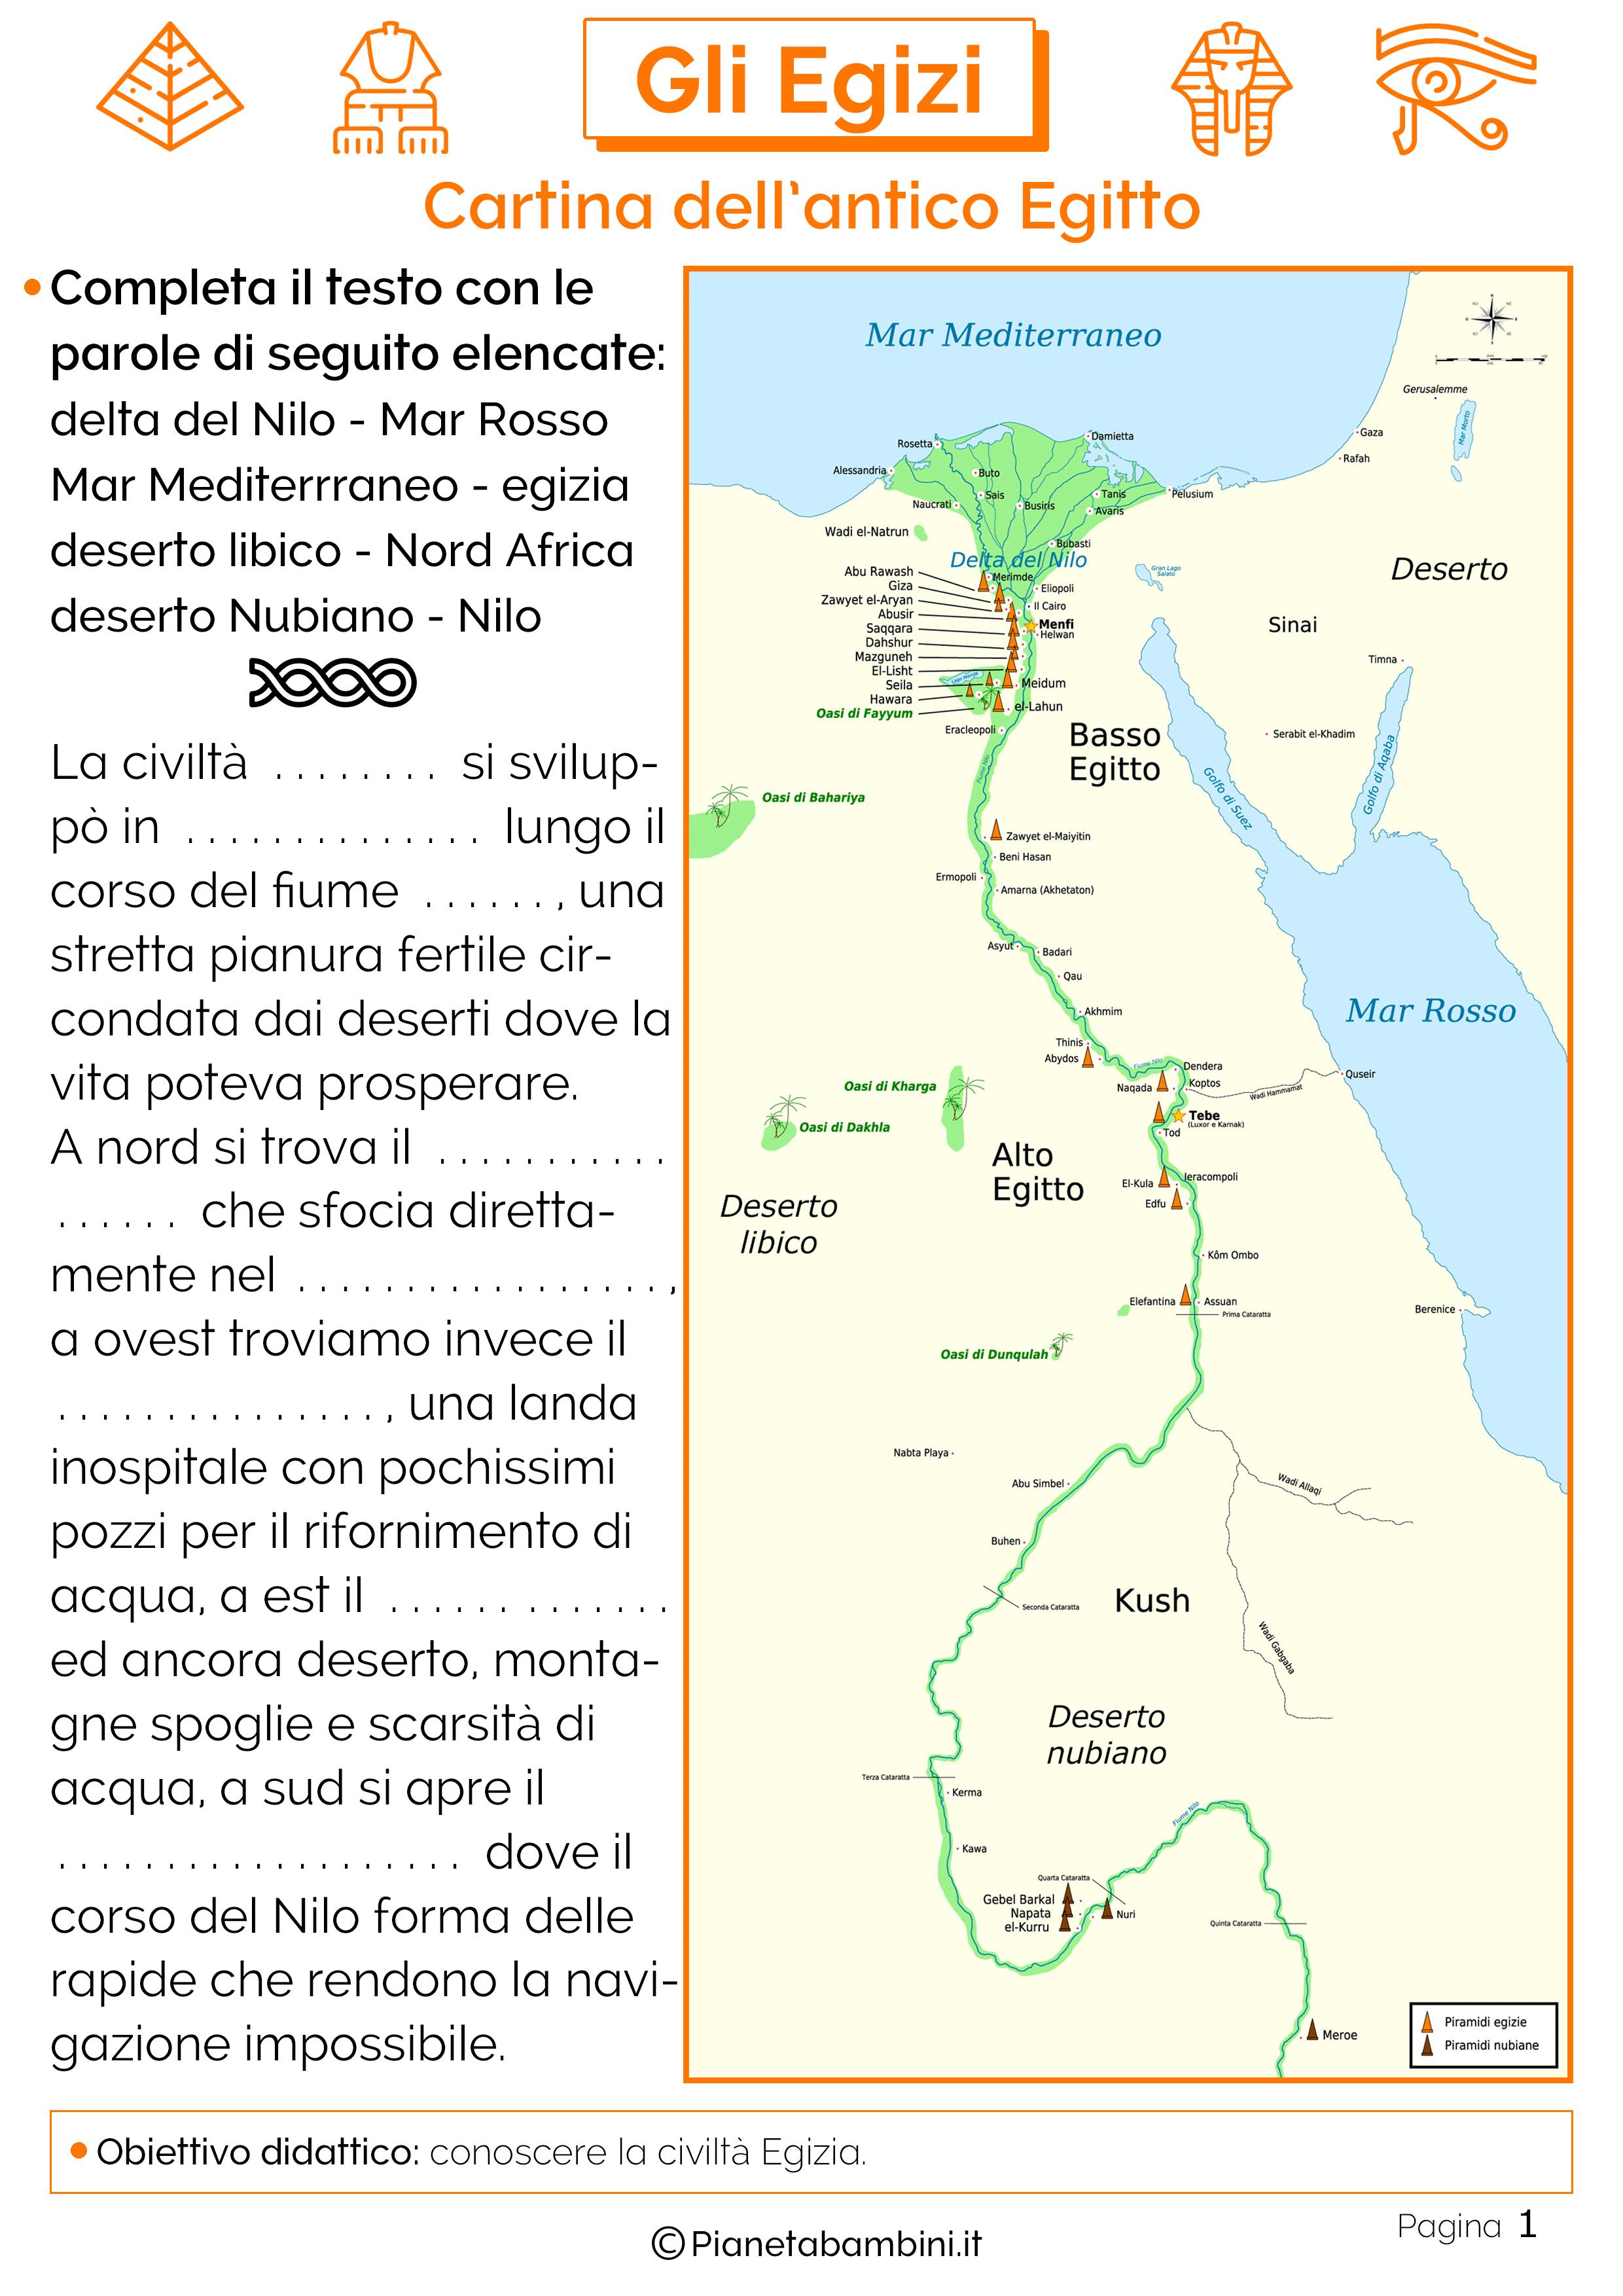 Cartina Egitto In Italiano.Gli Egizi Schede Didattiche Per La Scuola Primaria Pianetabambini It Egiziano Scuola Schede Didattiche